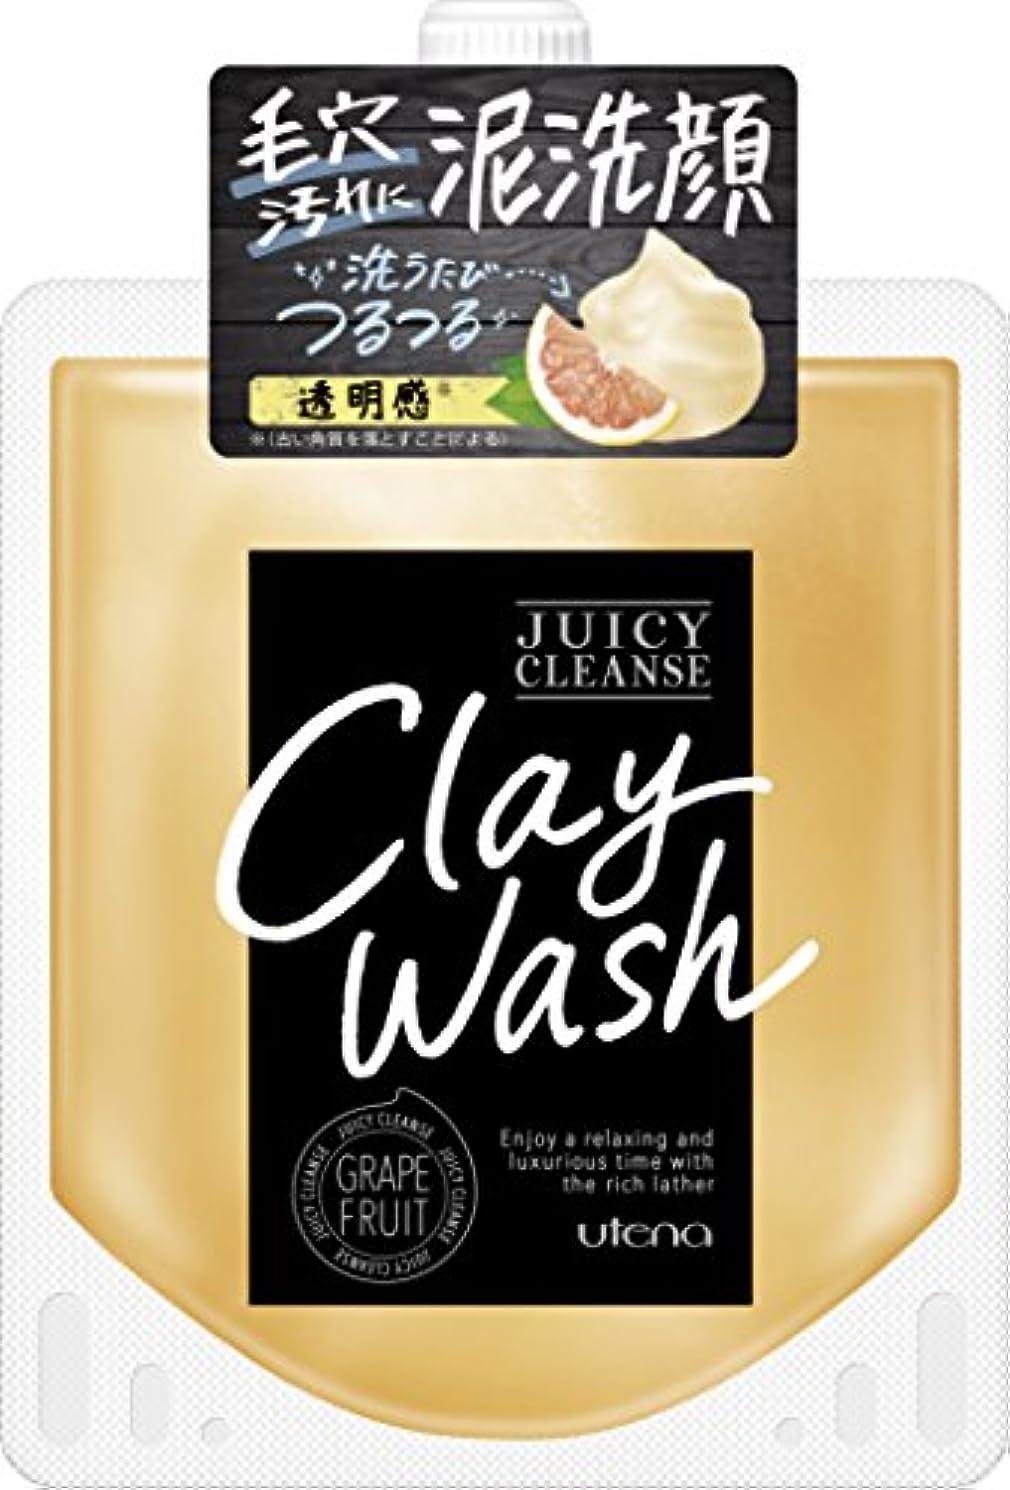 涙が出るフォーラム閉じるJUICY CLEANSE(ジューシィクレンズ) クレイウォッシュ グレープフルーツ 110g